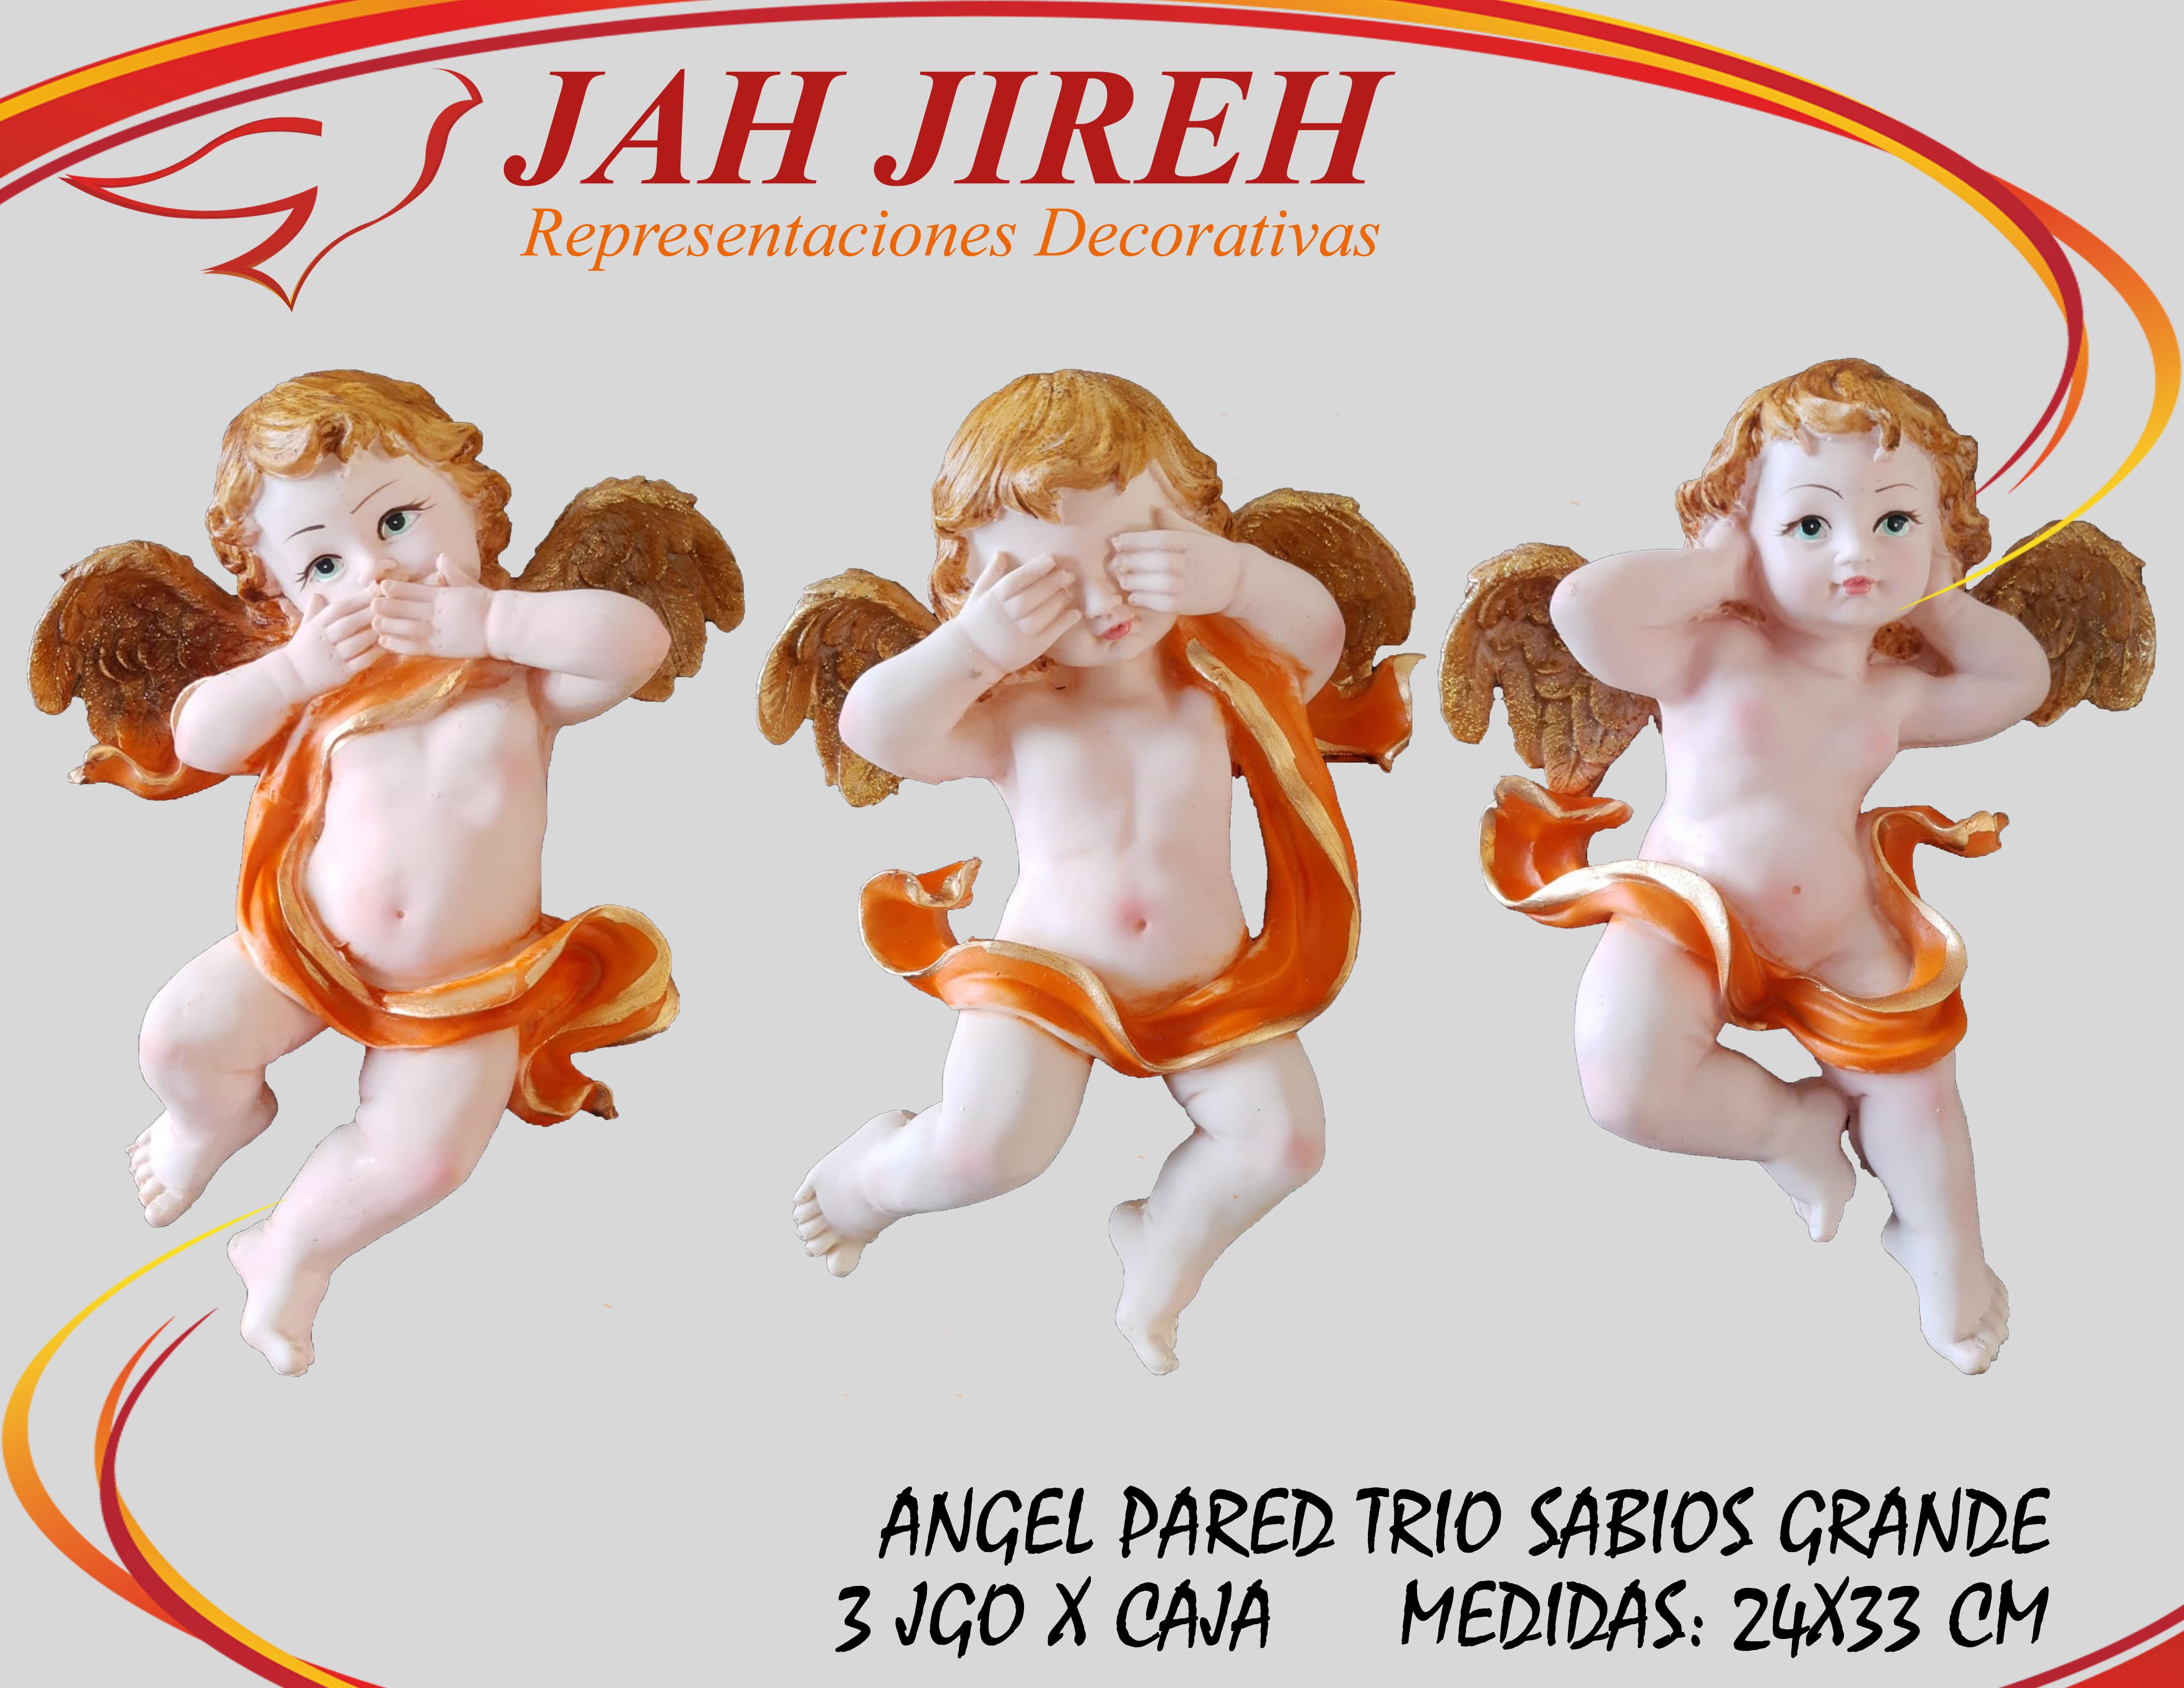 https://0201.nccdn.net/1_2/000/000/0ba/118/angel-pared-trio-sabios-grande.jpg